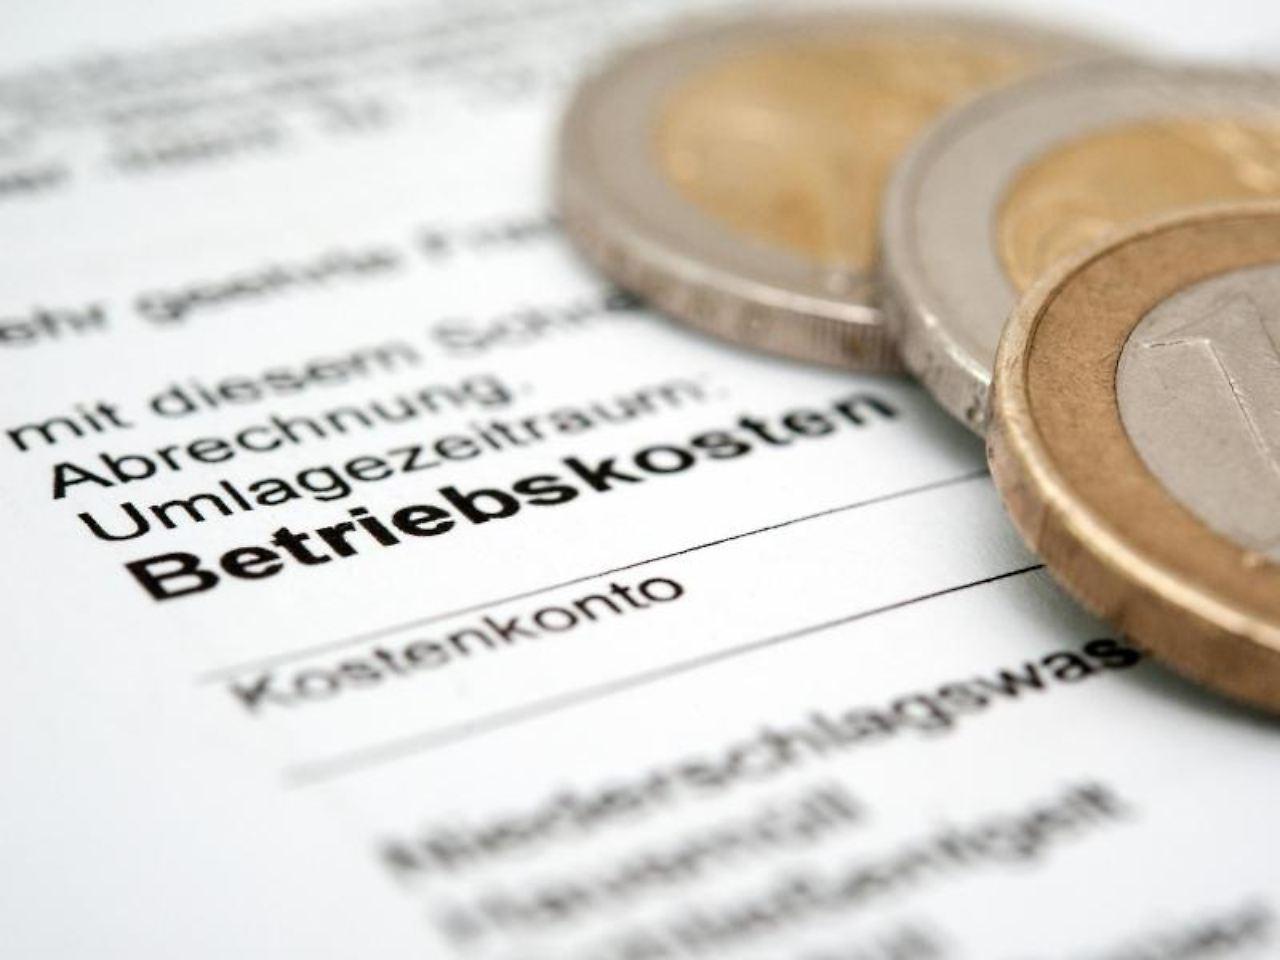 Wohnungskosten nutzen: Betriebskosten bei der Steuer absetzen - n-tv.de